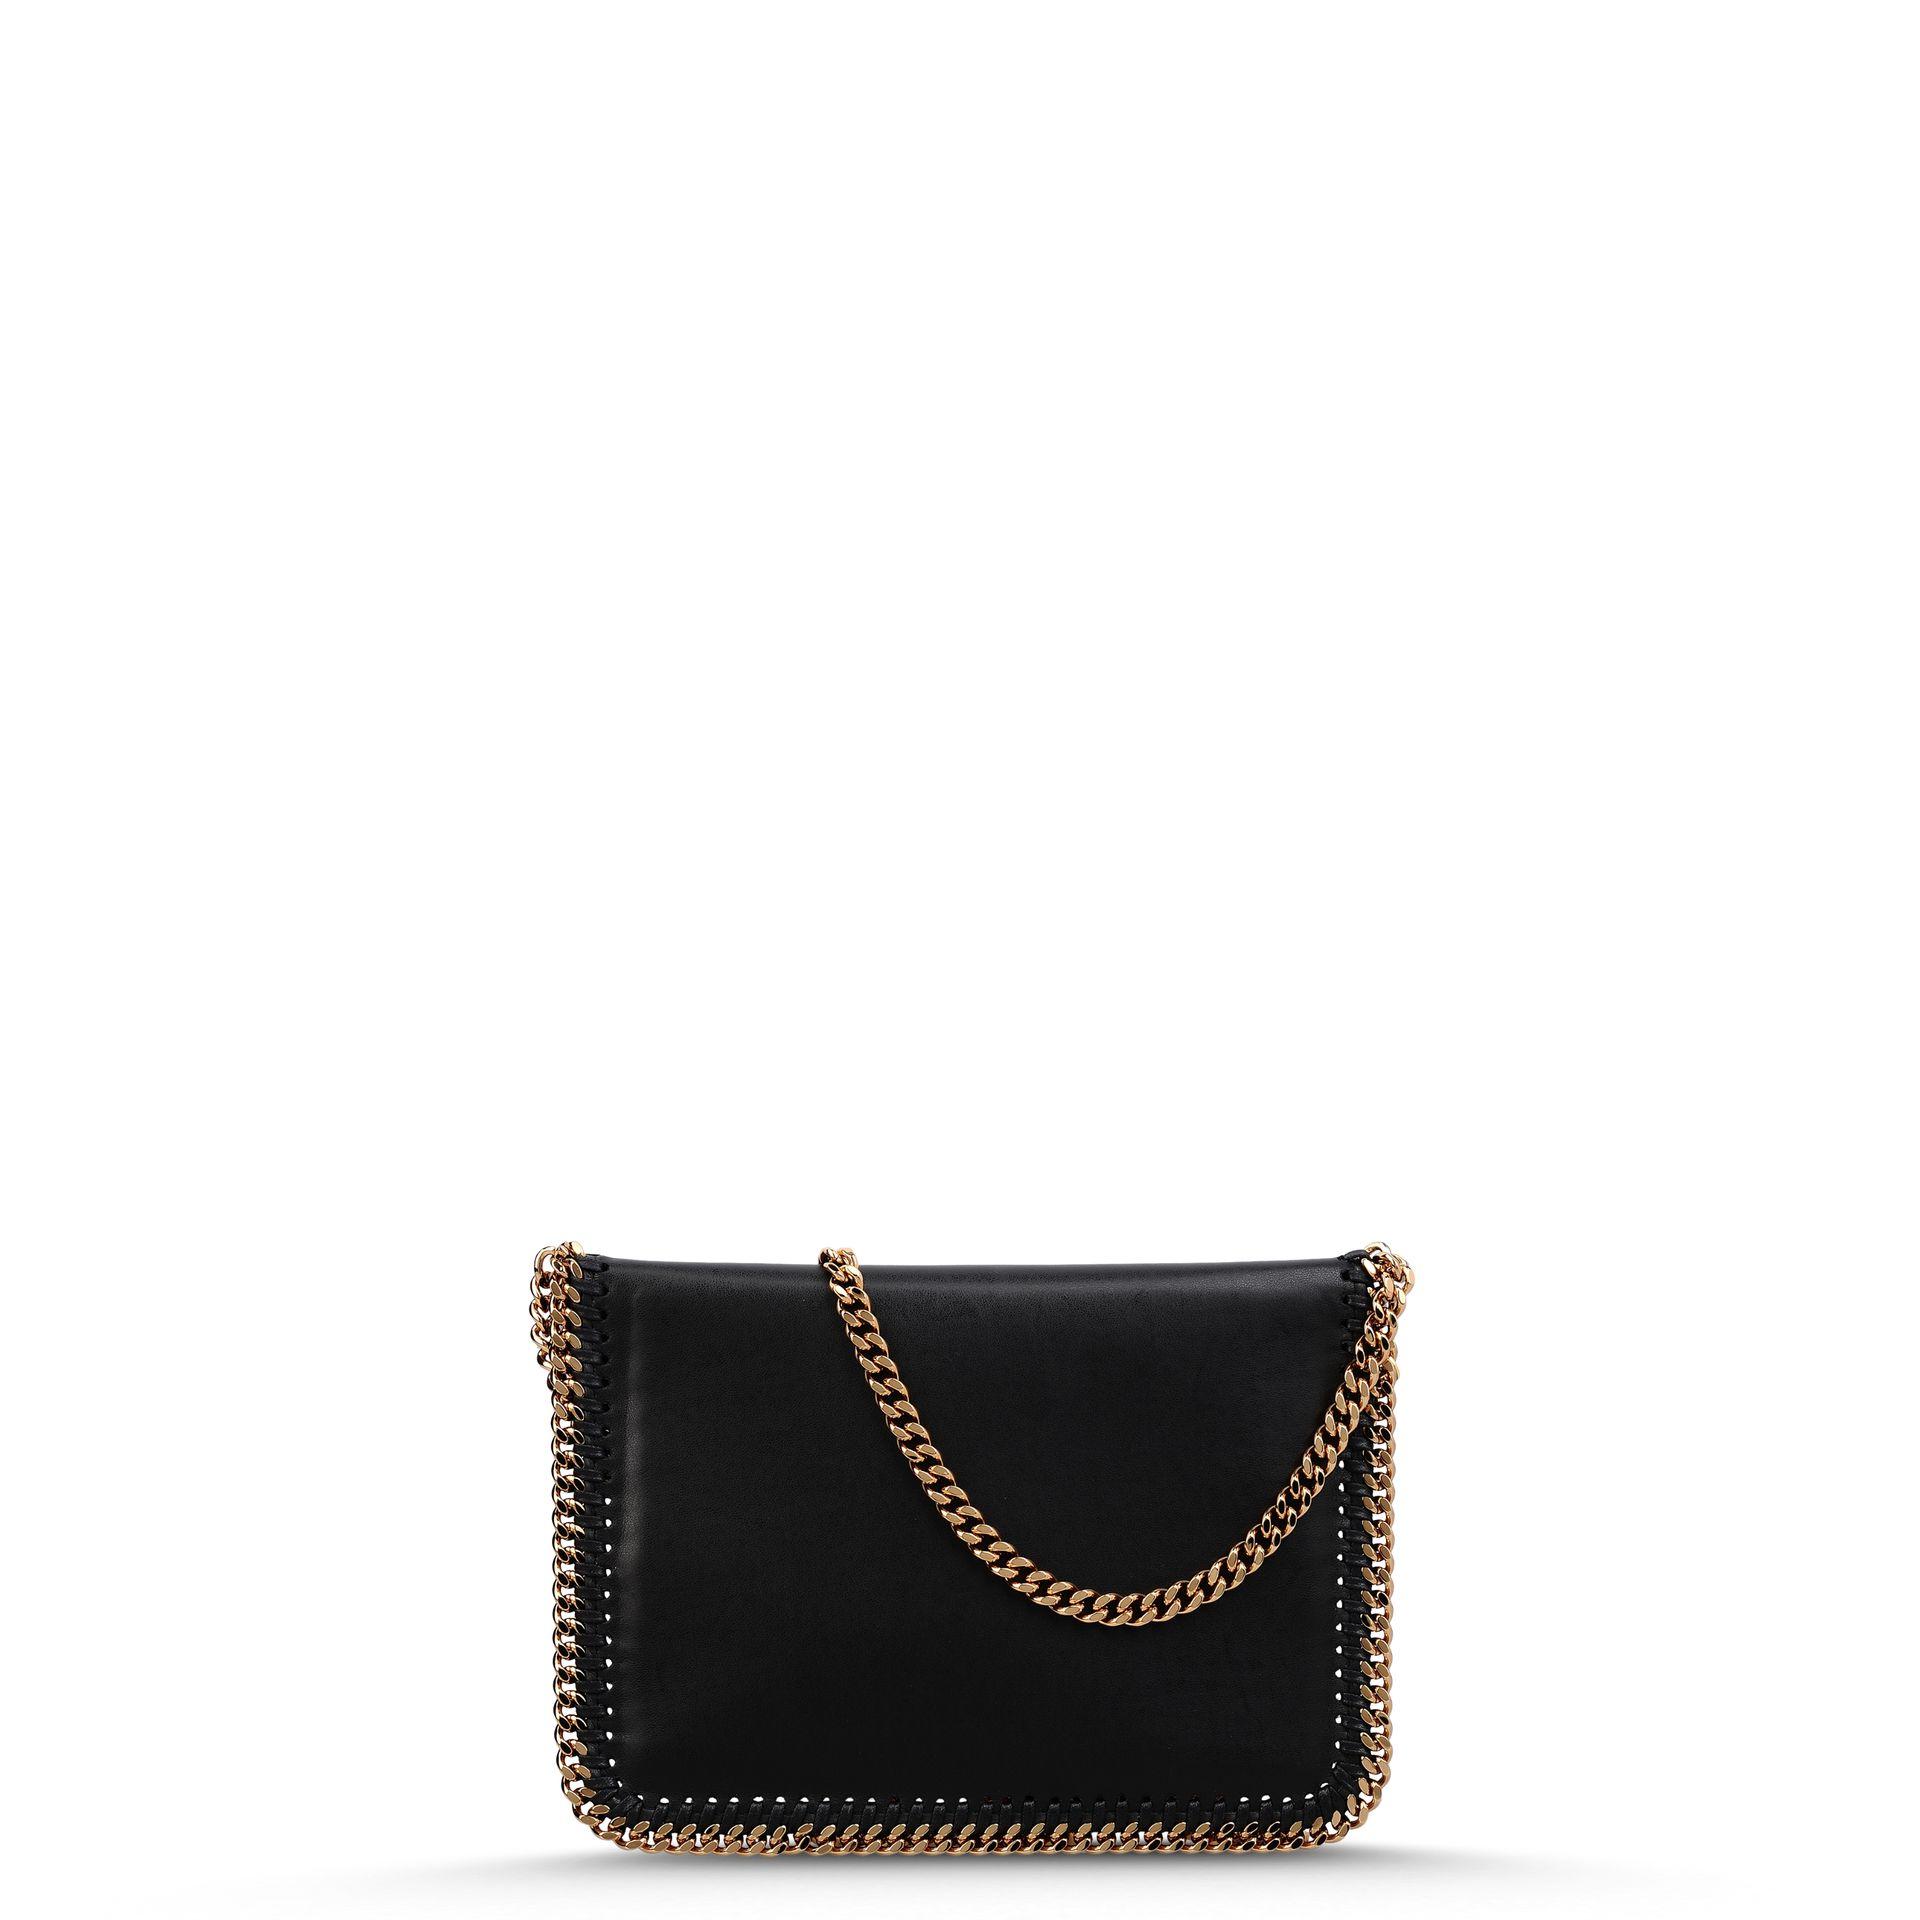 57e11ecf0e92 Lyst - Stella McCartney Falabella Eco Alter Mini Bag in Black